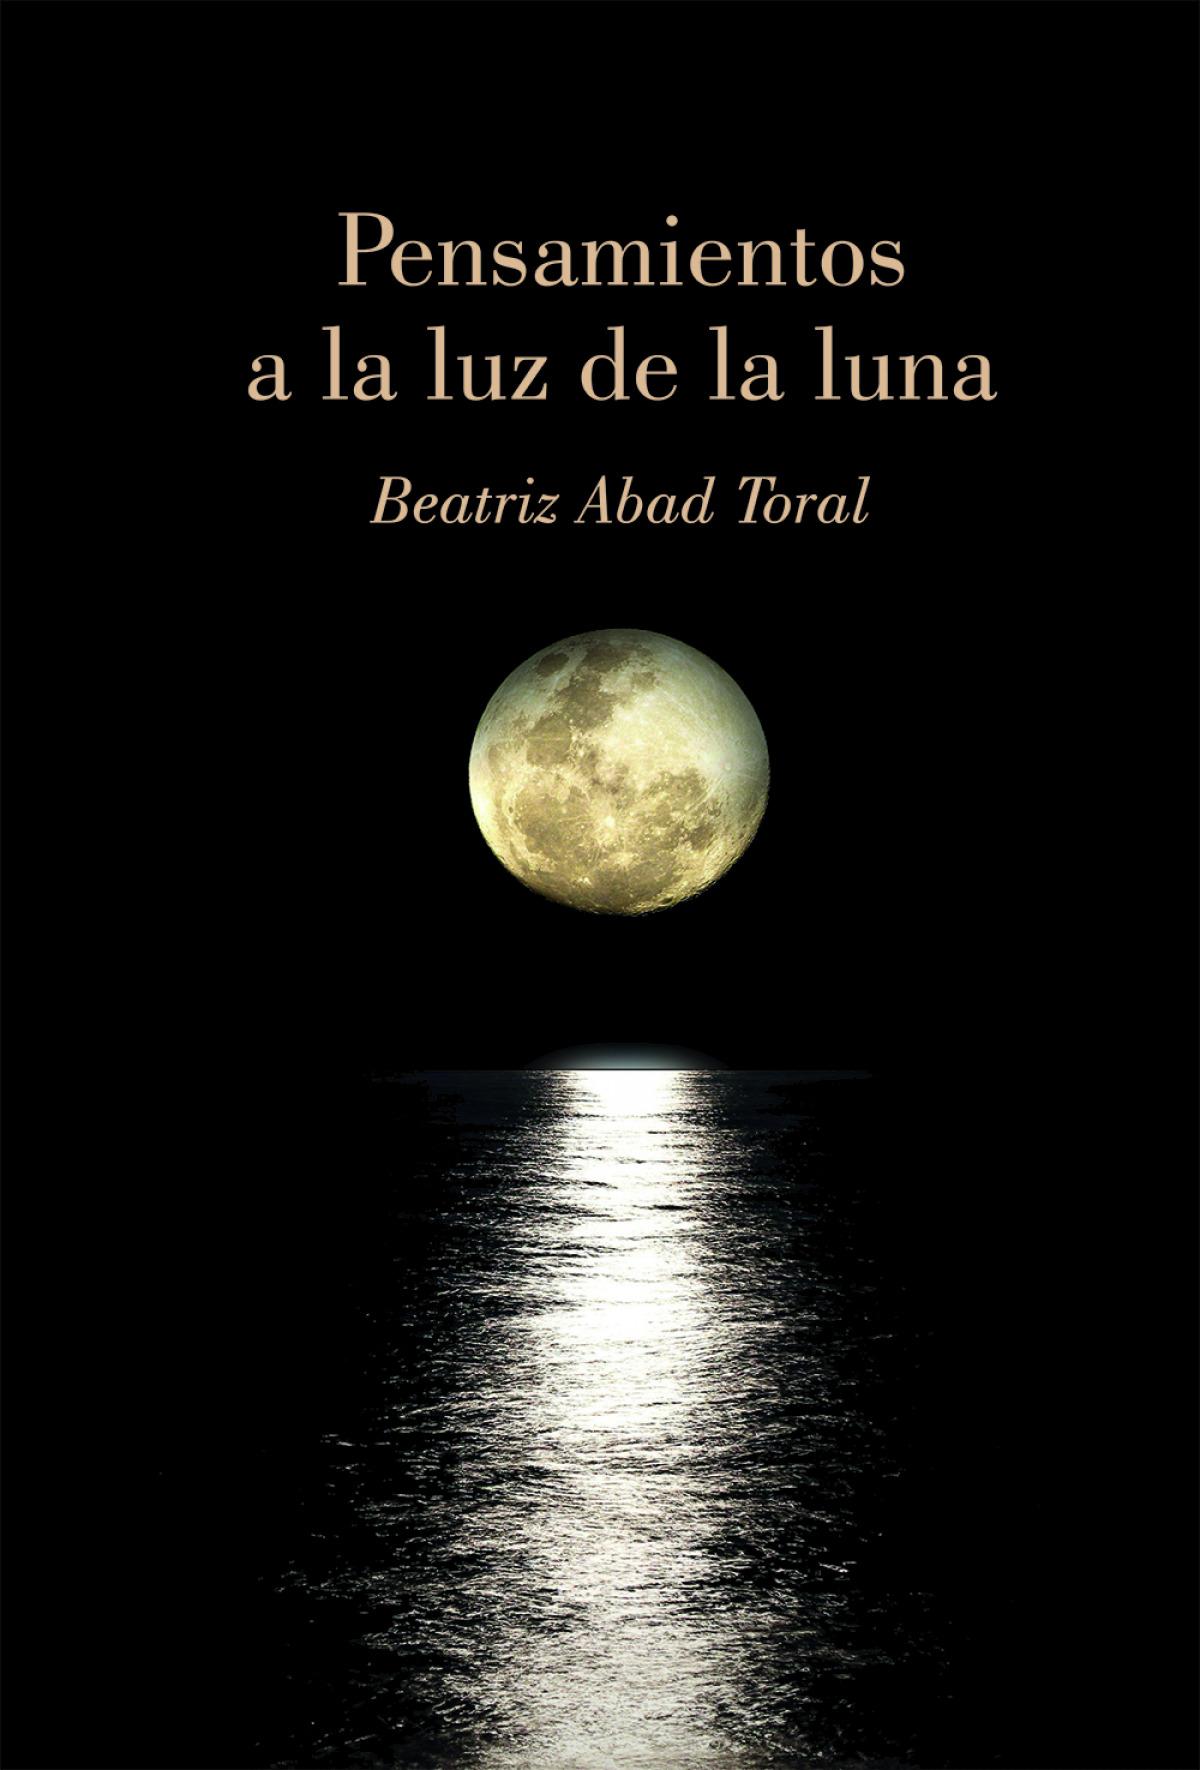 Pensamientos a la luz de la luna